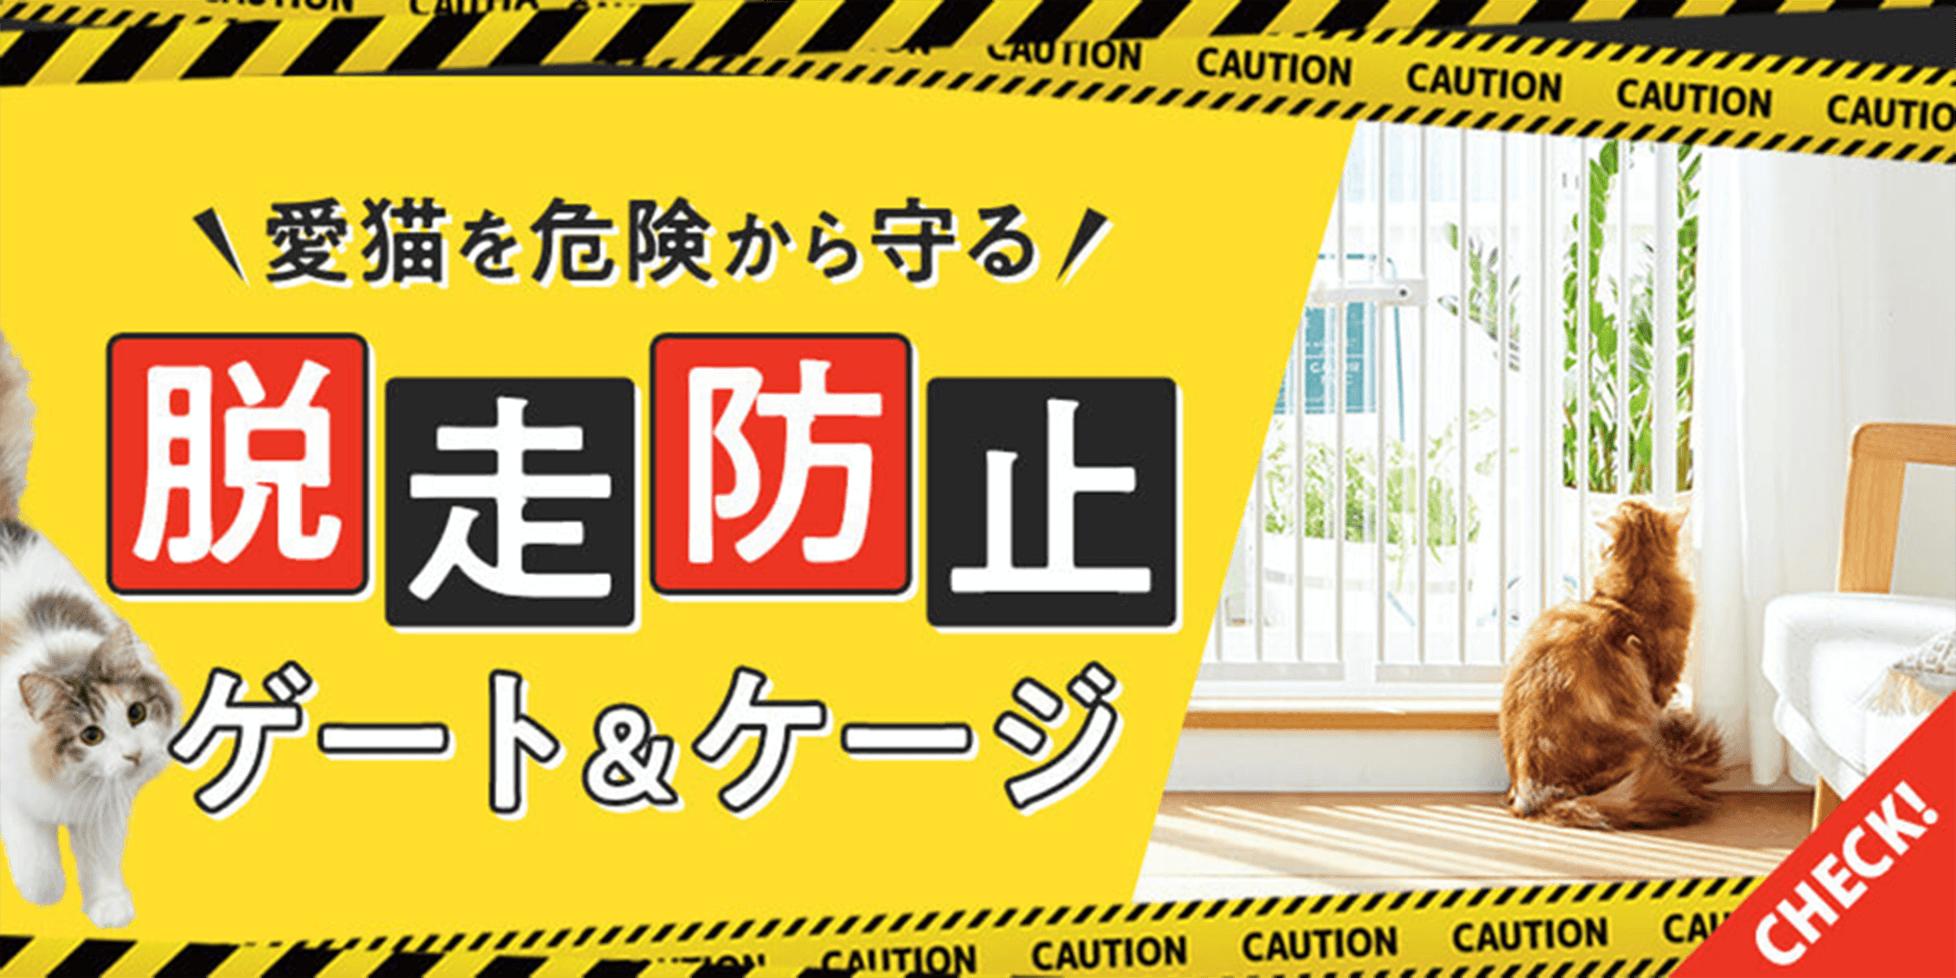 脱走防止パーテーション・ケージ